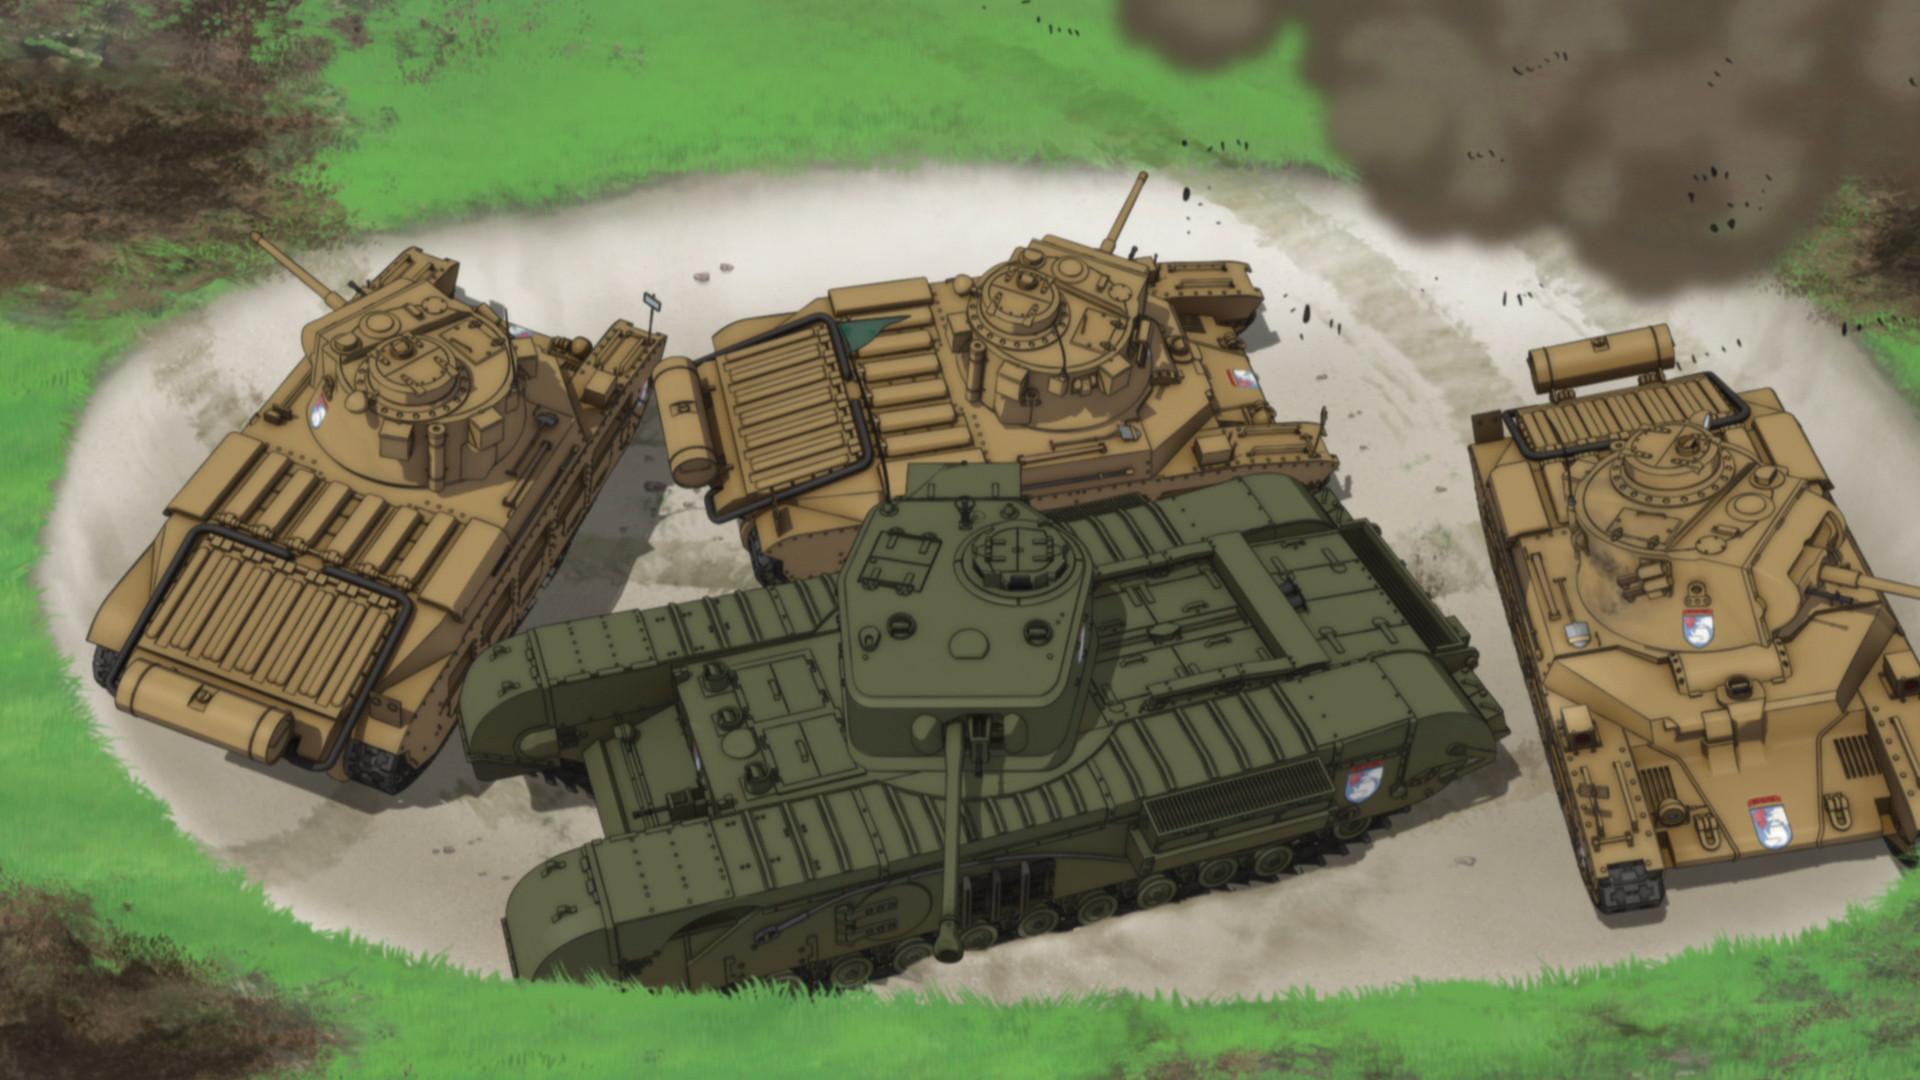 第7回:ダージリン様、この重戦車は難しいです!「チャーチル歩兵戦車 ...